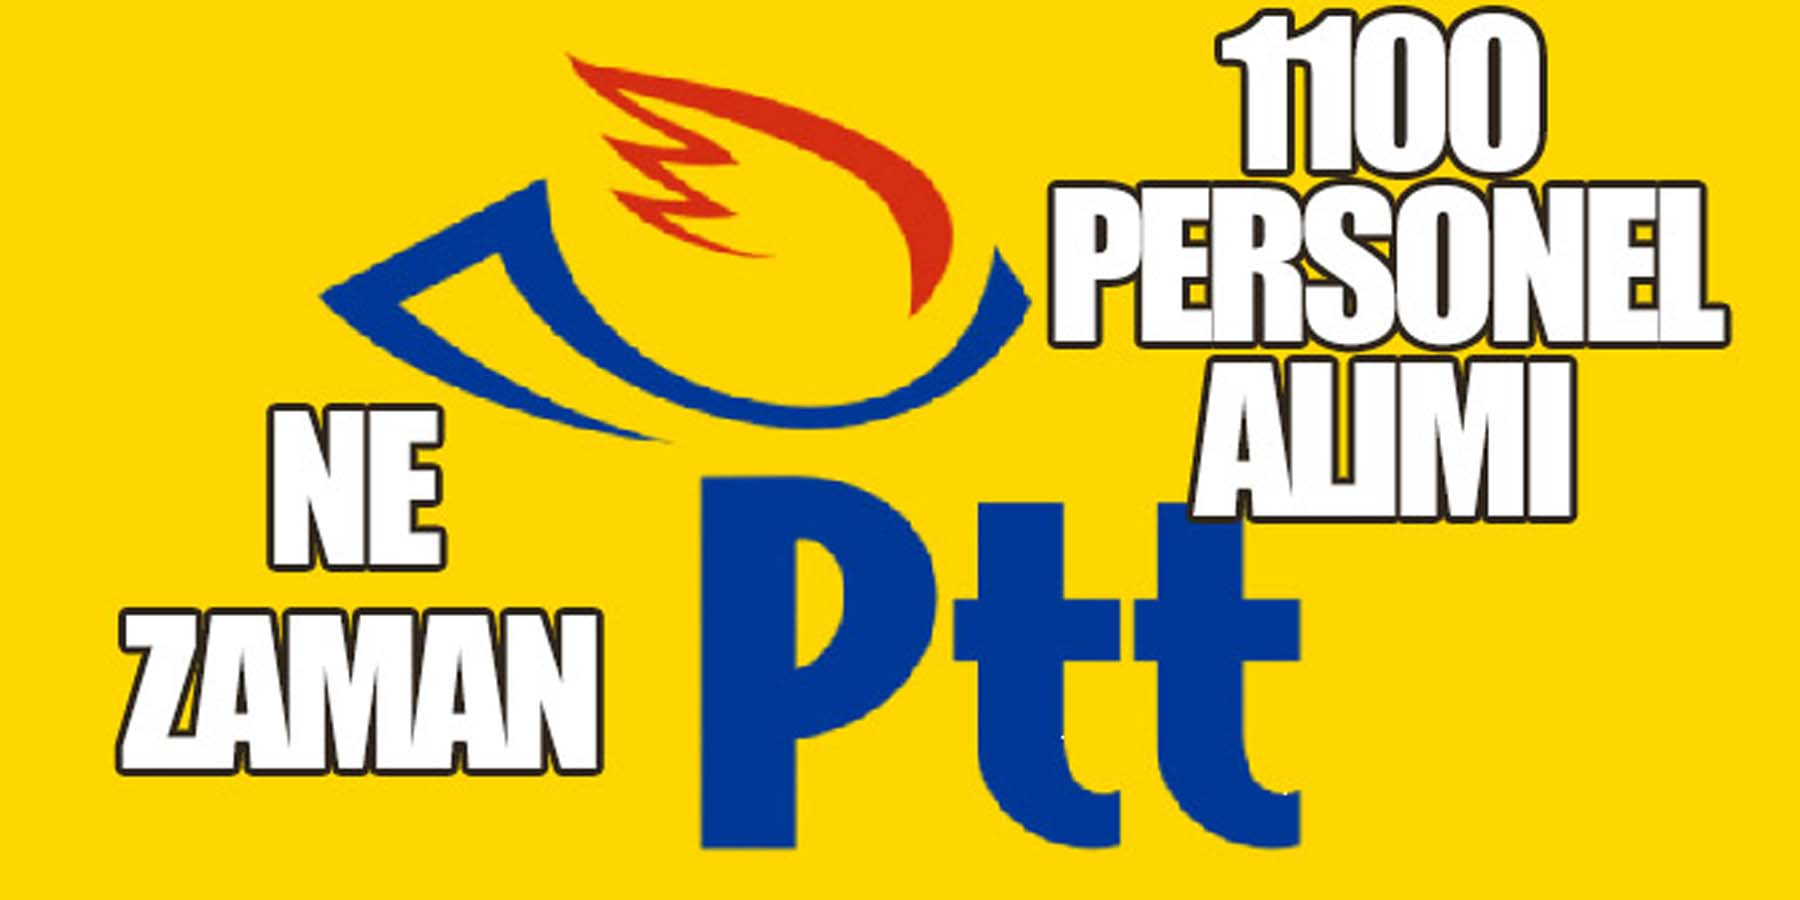 PTT Bin 100 Personel Alımı Ne Zaman